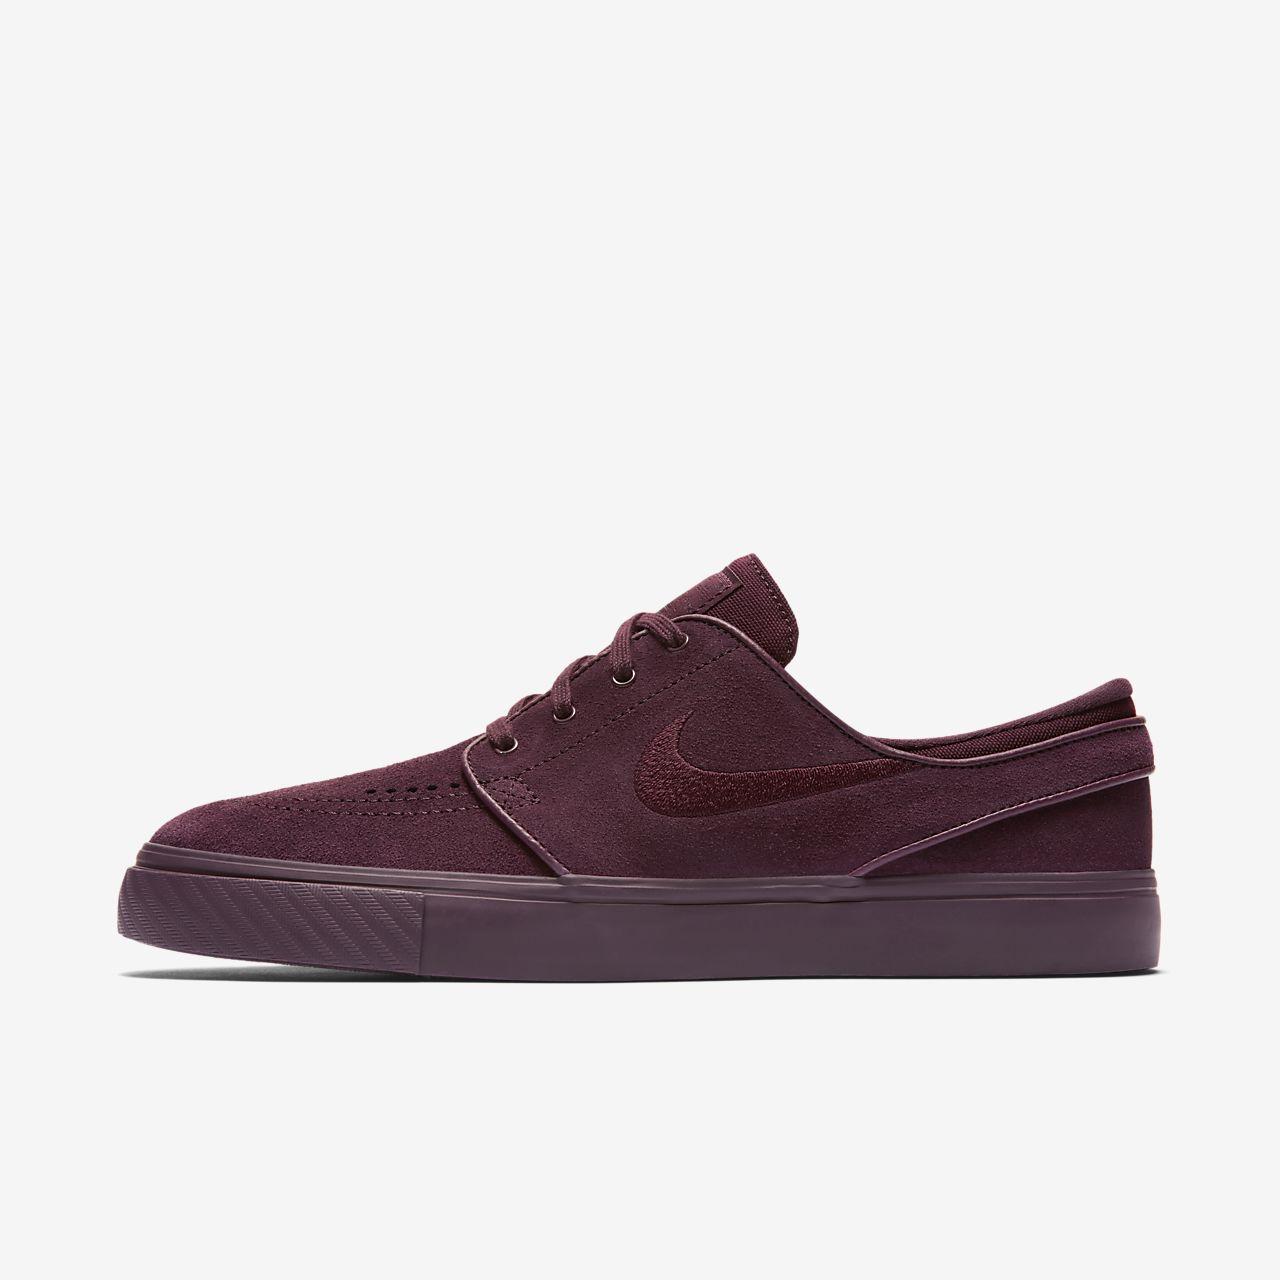 Nike Zoom Stefan Janoski Erkek Kaykay Ayakkabısı